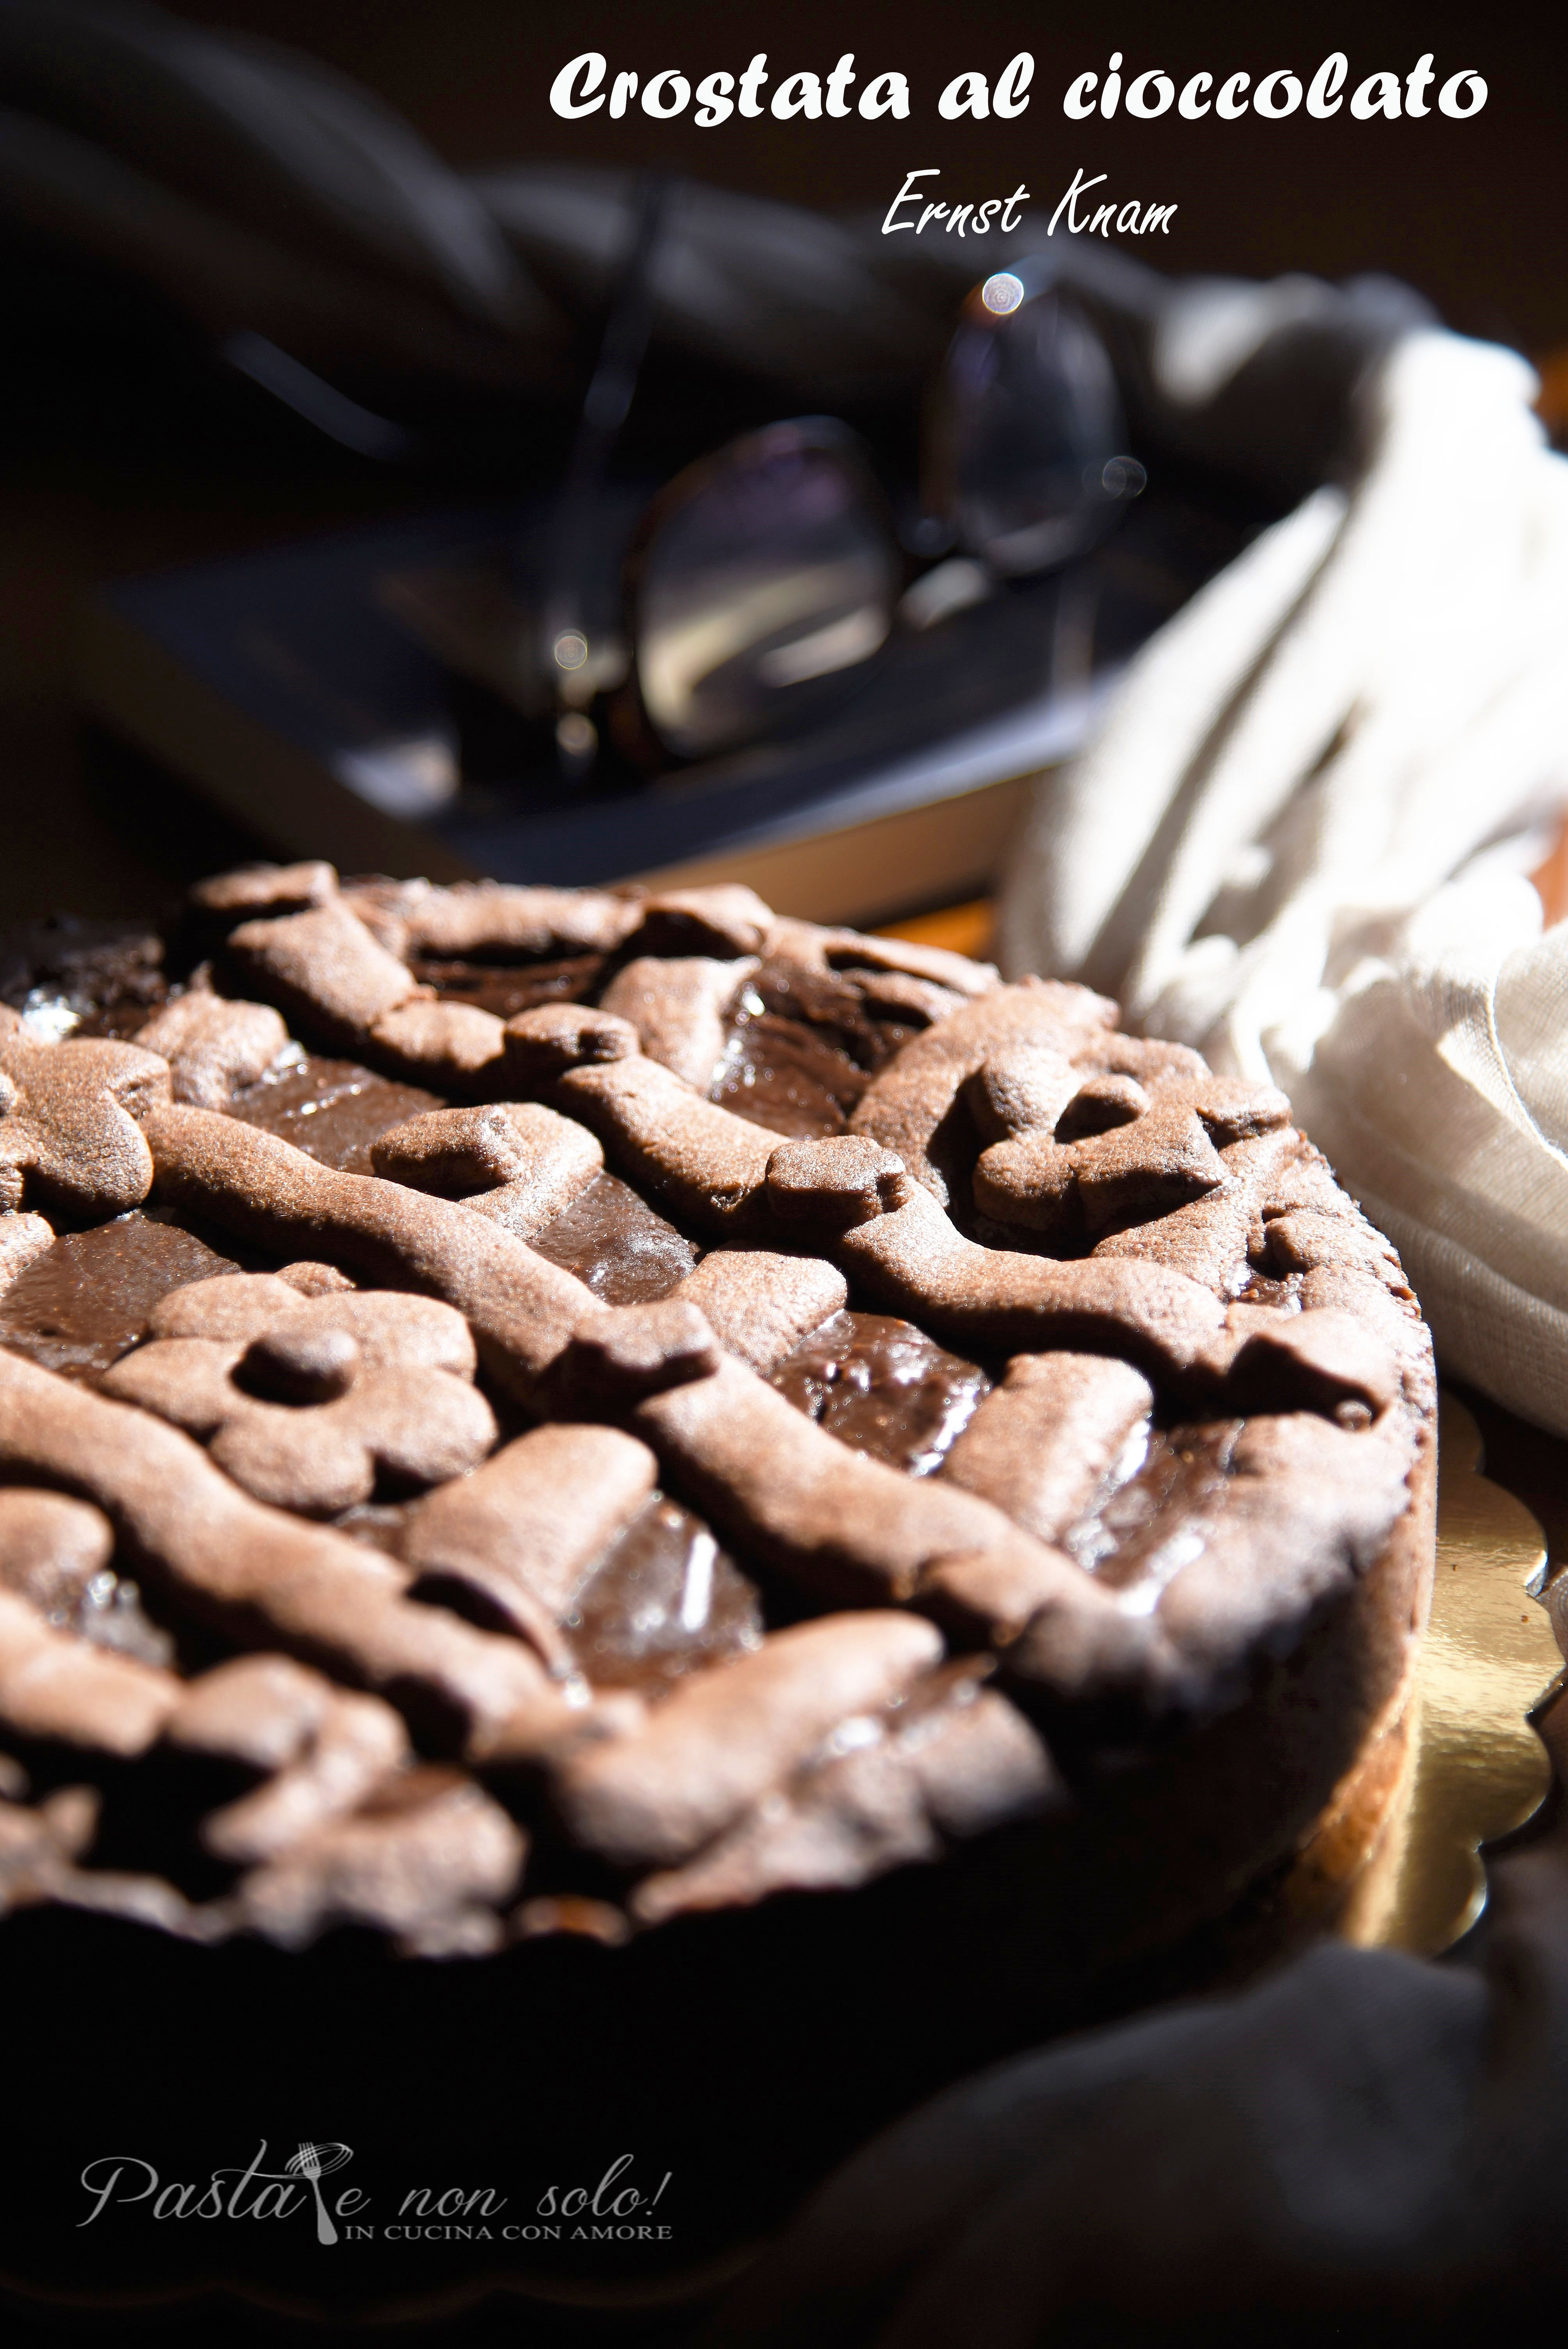 crostata al cioccolato Ernst knam